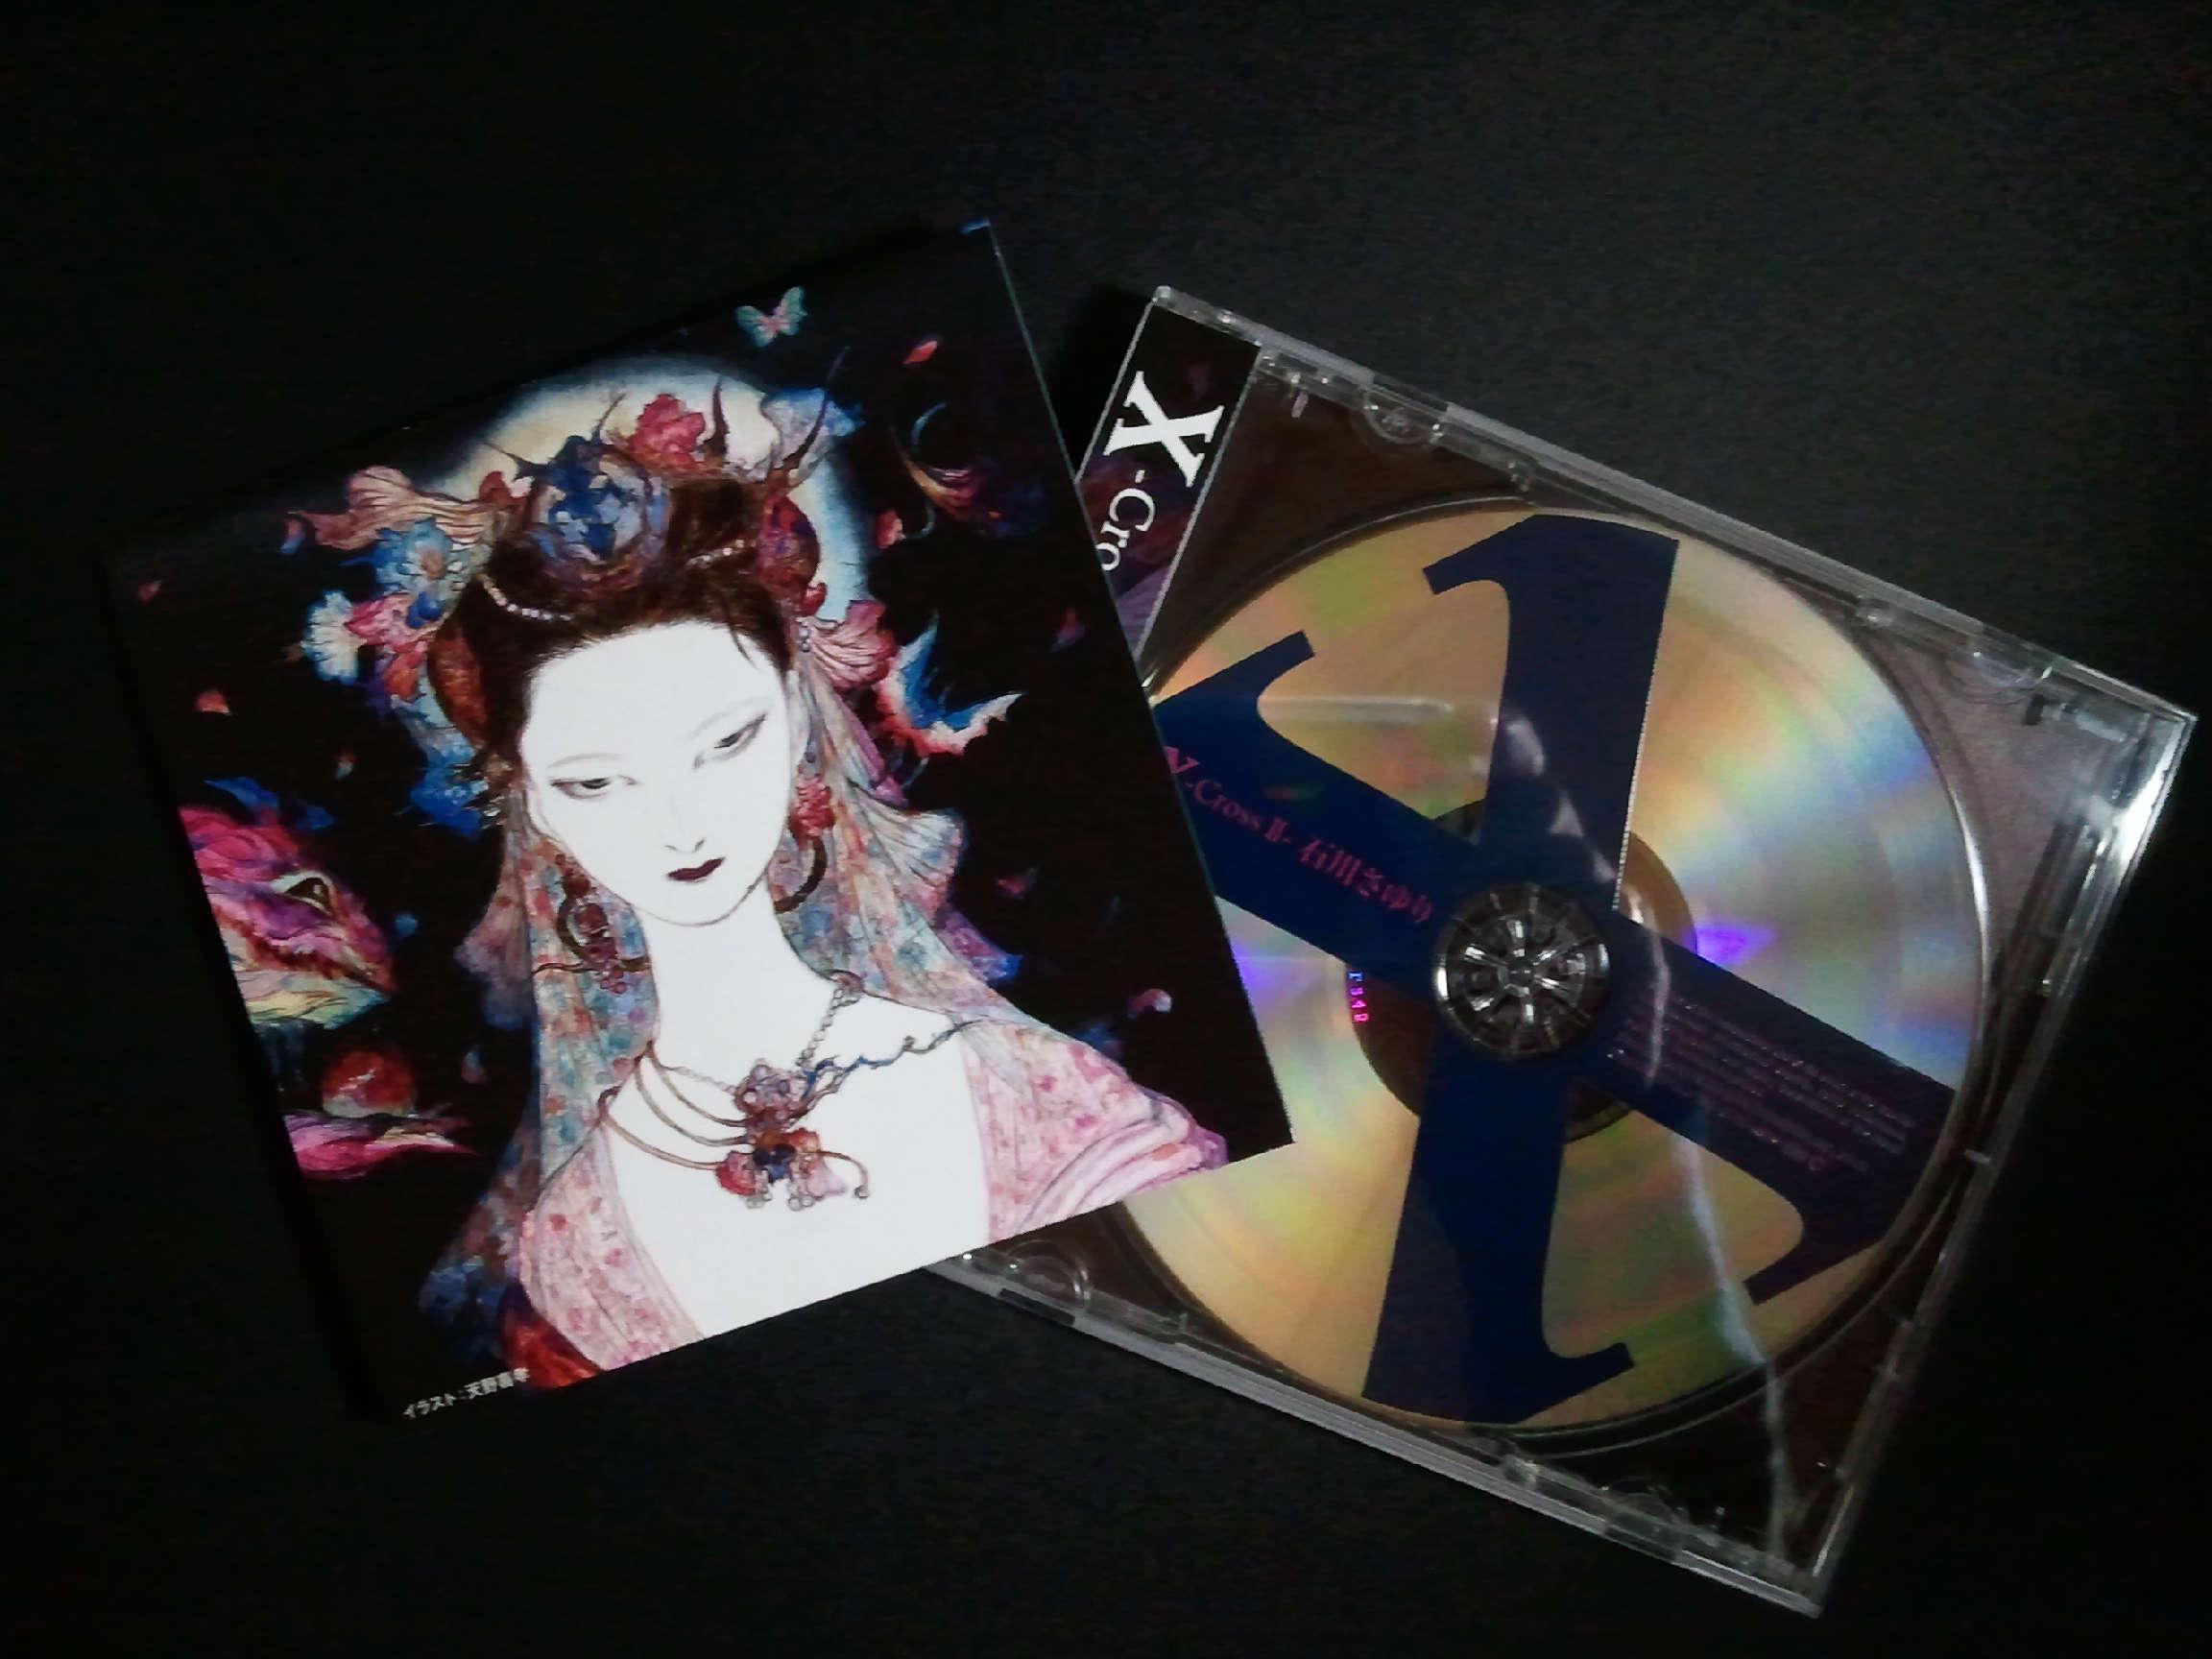 石川さゆり X -Cross II-